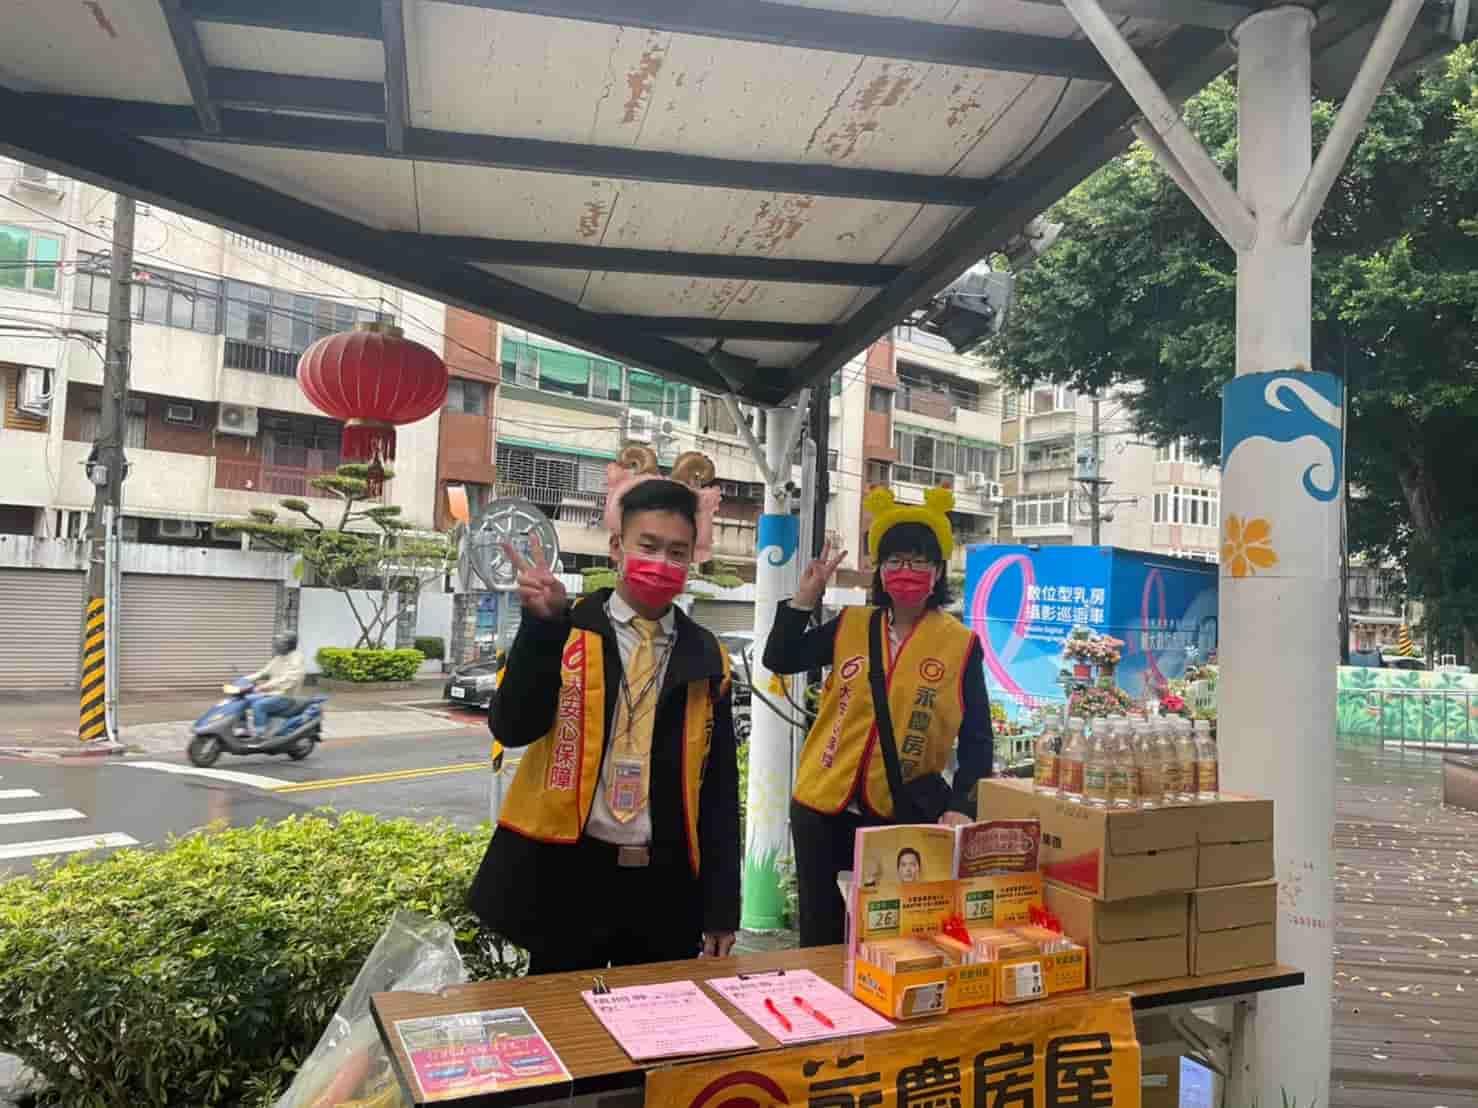 永慶房屋服務專員蔡瑞珉,成為凝聚社區的關鍵力量